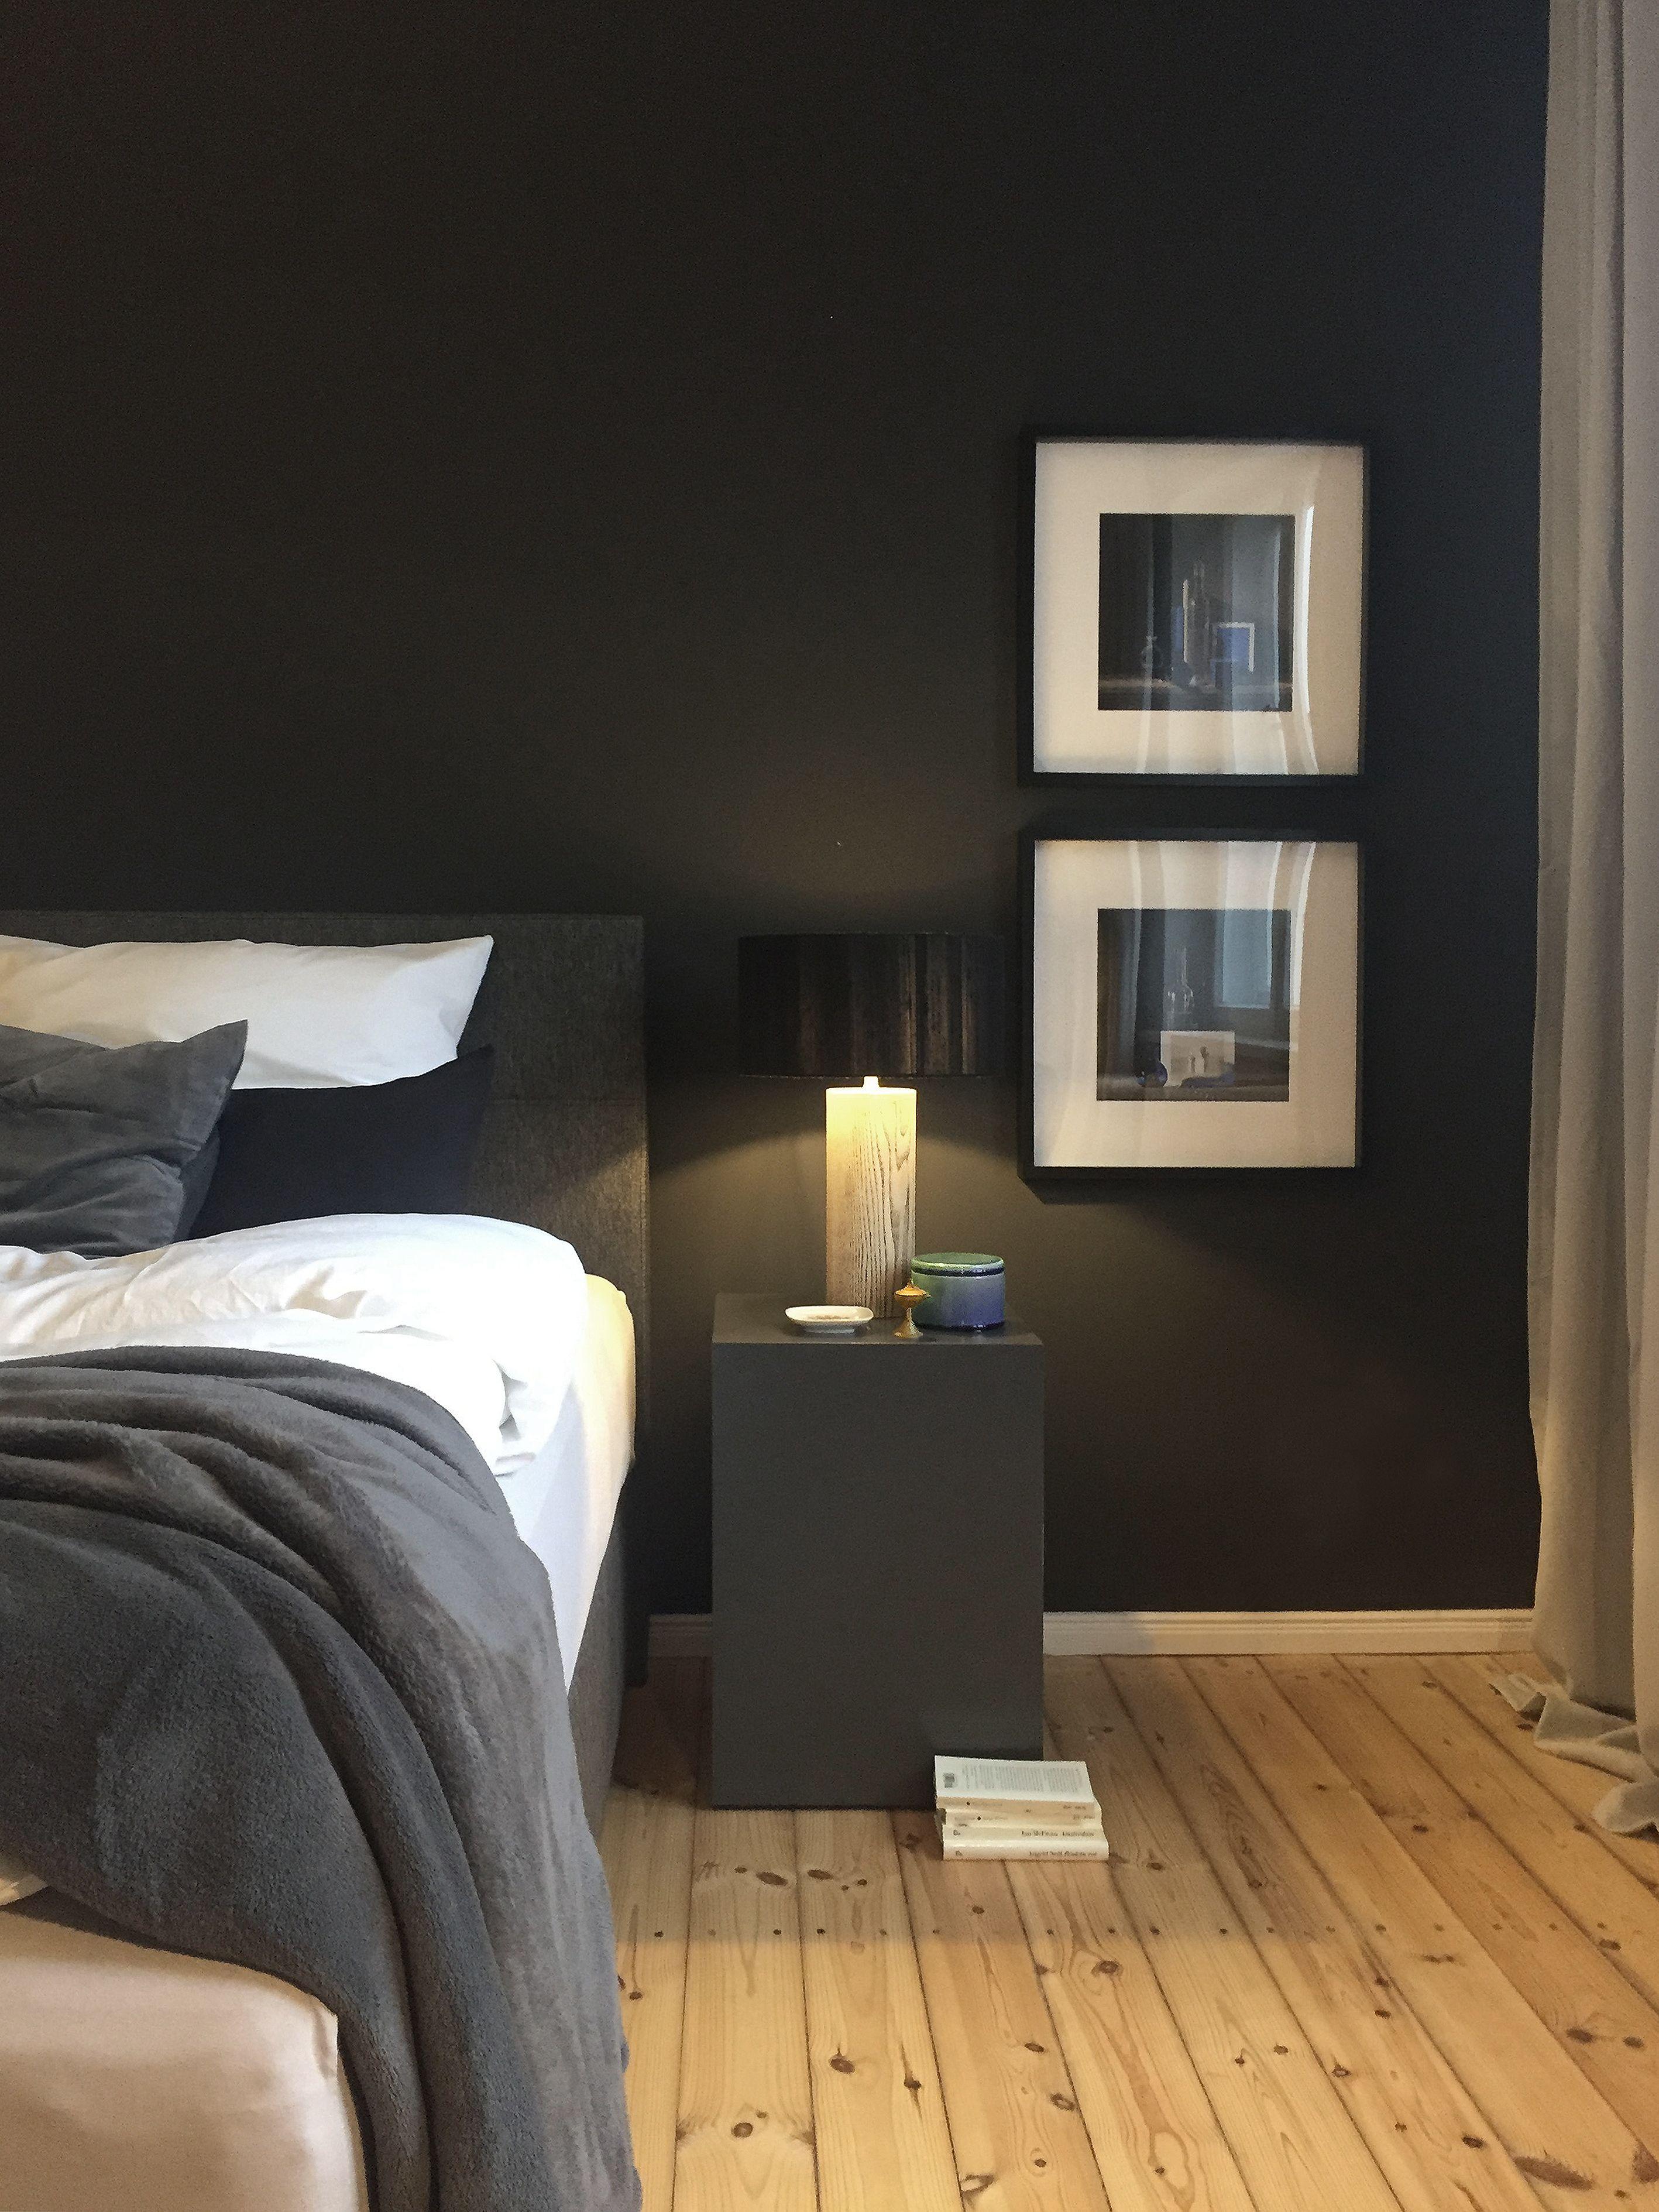 Minimalistischer Nachttisch Mit Wenigen Accessoires Und Zwei Modernen Stillleben In Einem Schlafzimmer In Einem Berlin Zehlendorfer Apart Quartos Design Quarto